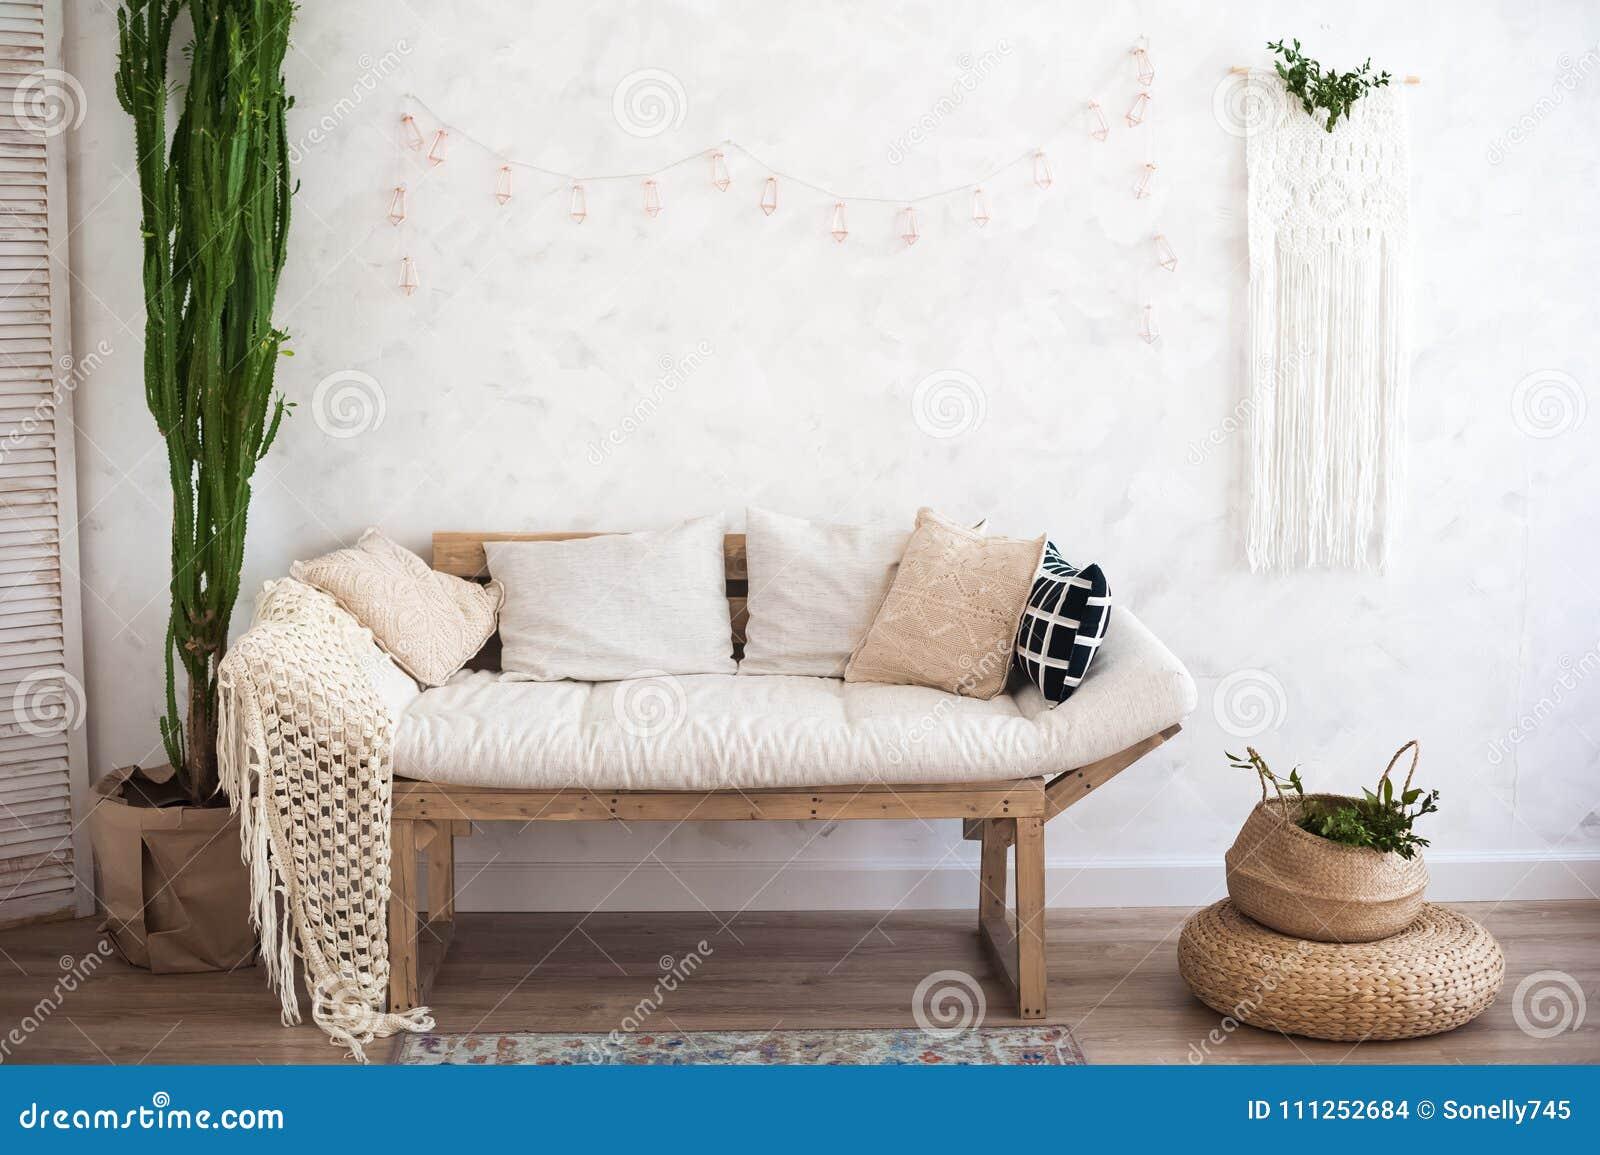 Schöner Sping Verzierter Innenraum In Den Weißen Strukturierten Farben  Wohnzimmer, Beige Sofa Mit Einer Wolldecke